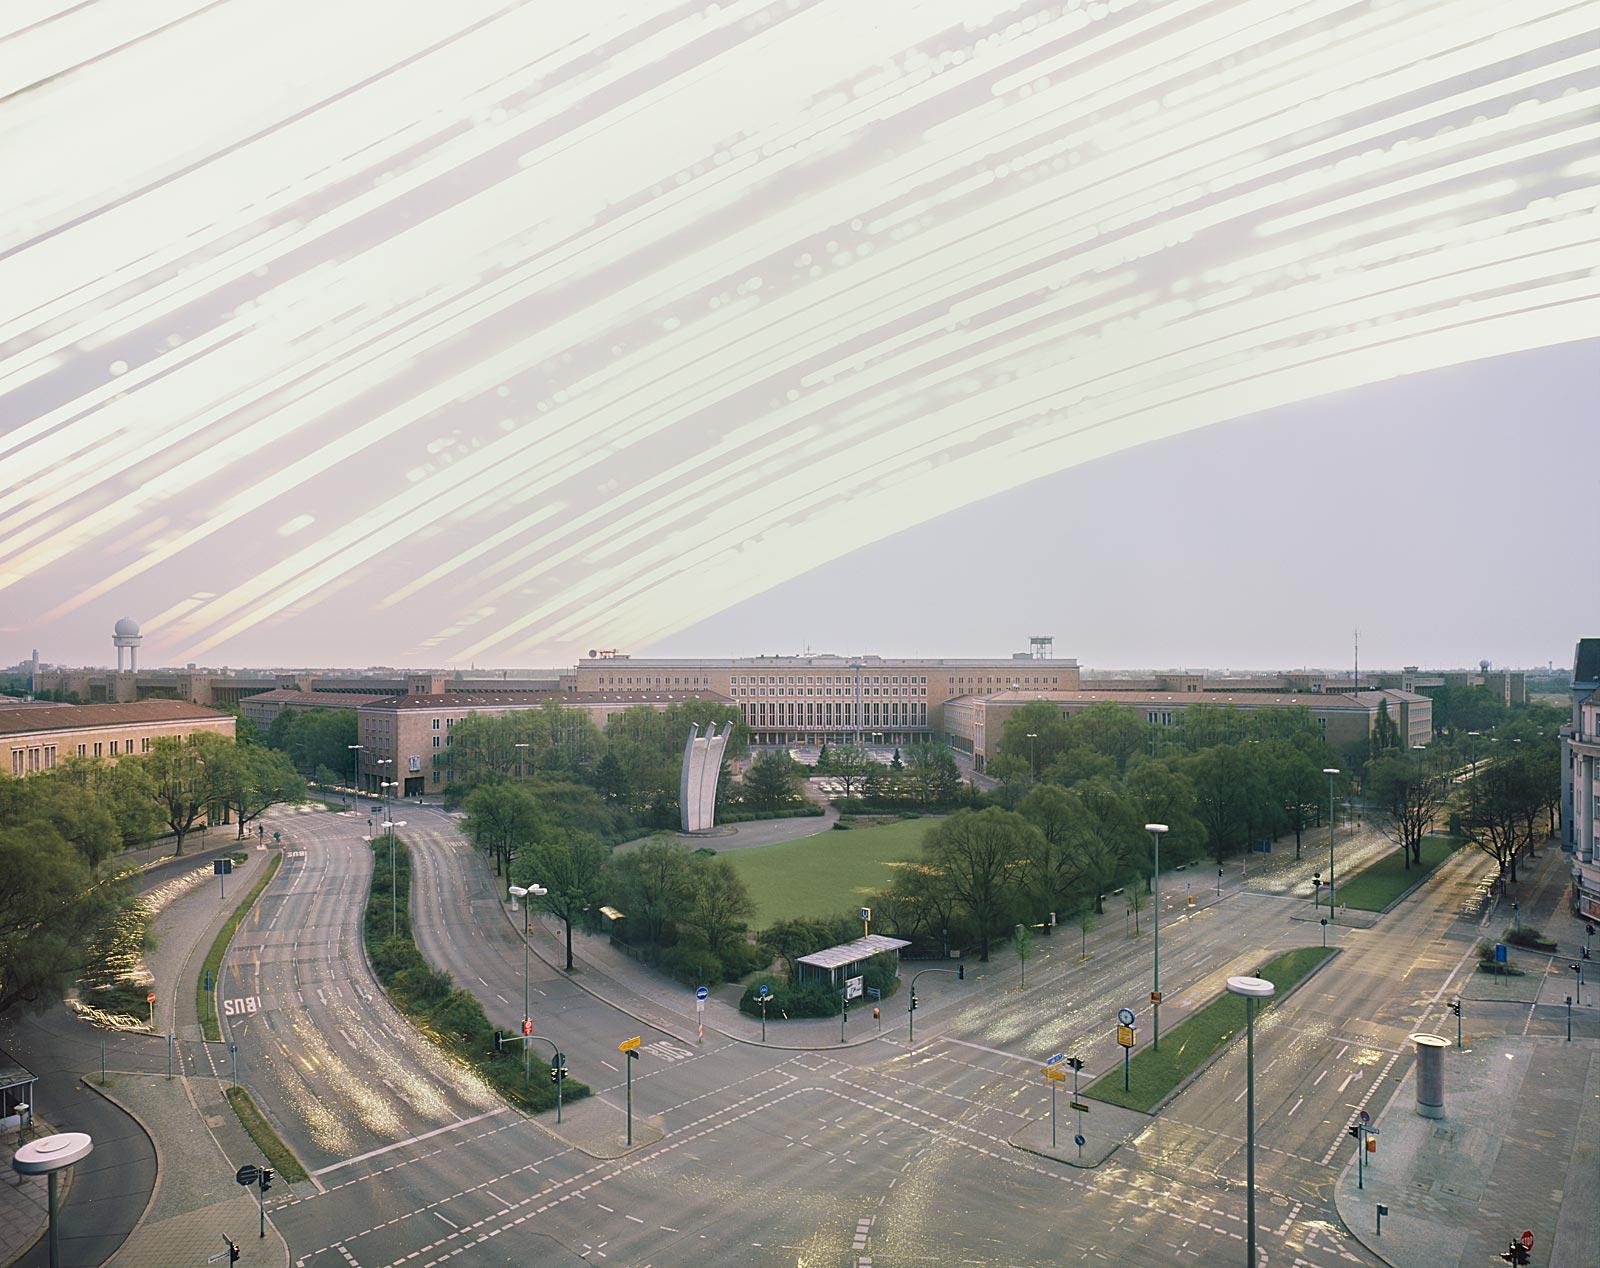 Flughafen Tempelhof, Berlin (1.7.2008 - 1.7.2009)